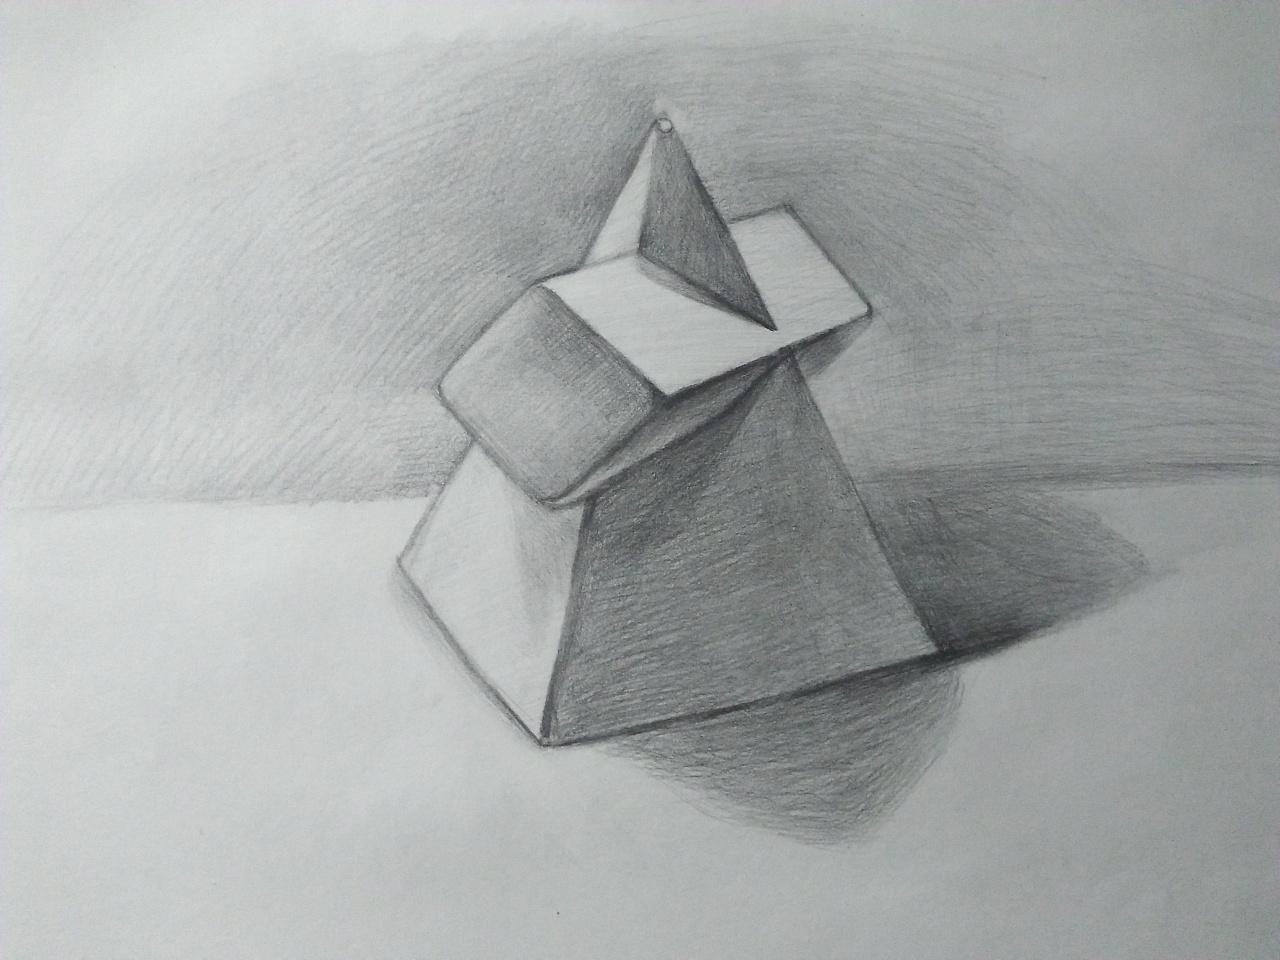 手绘素描作品